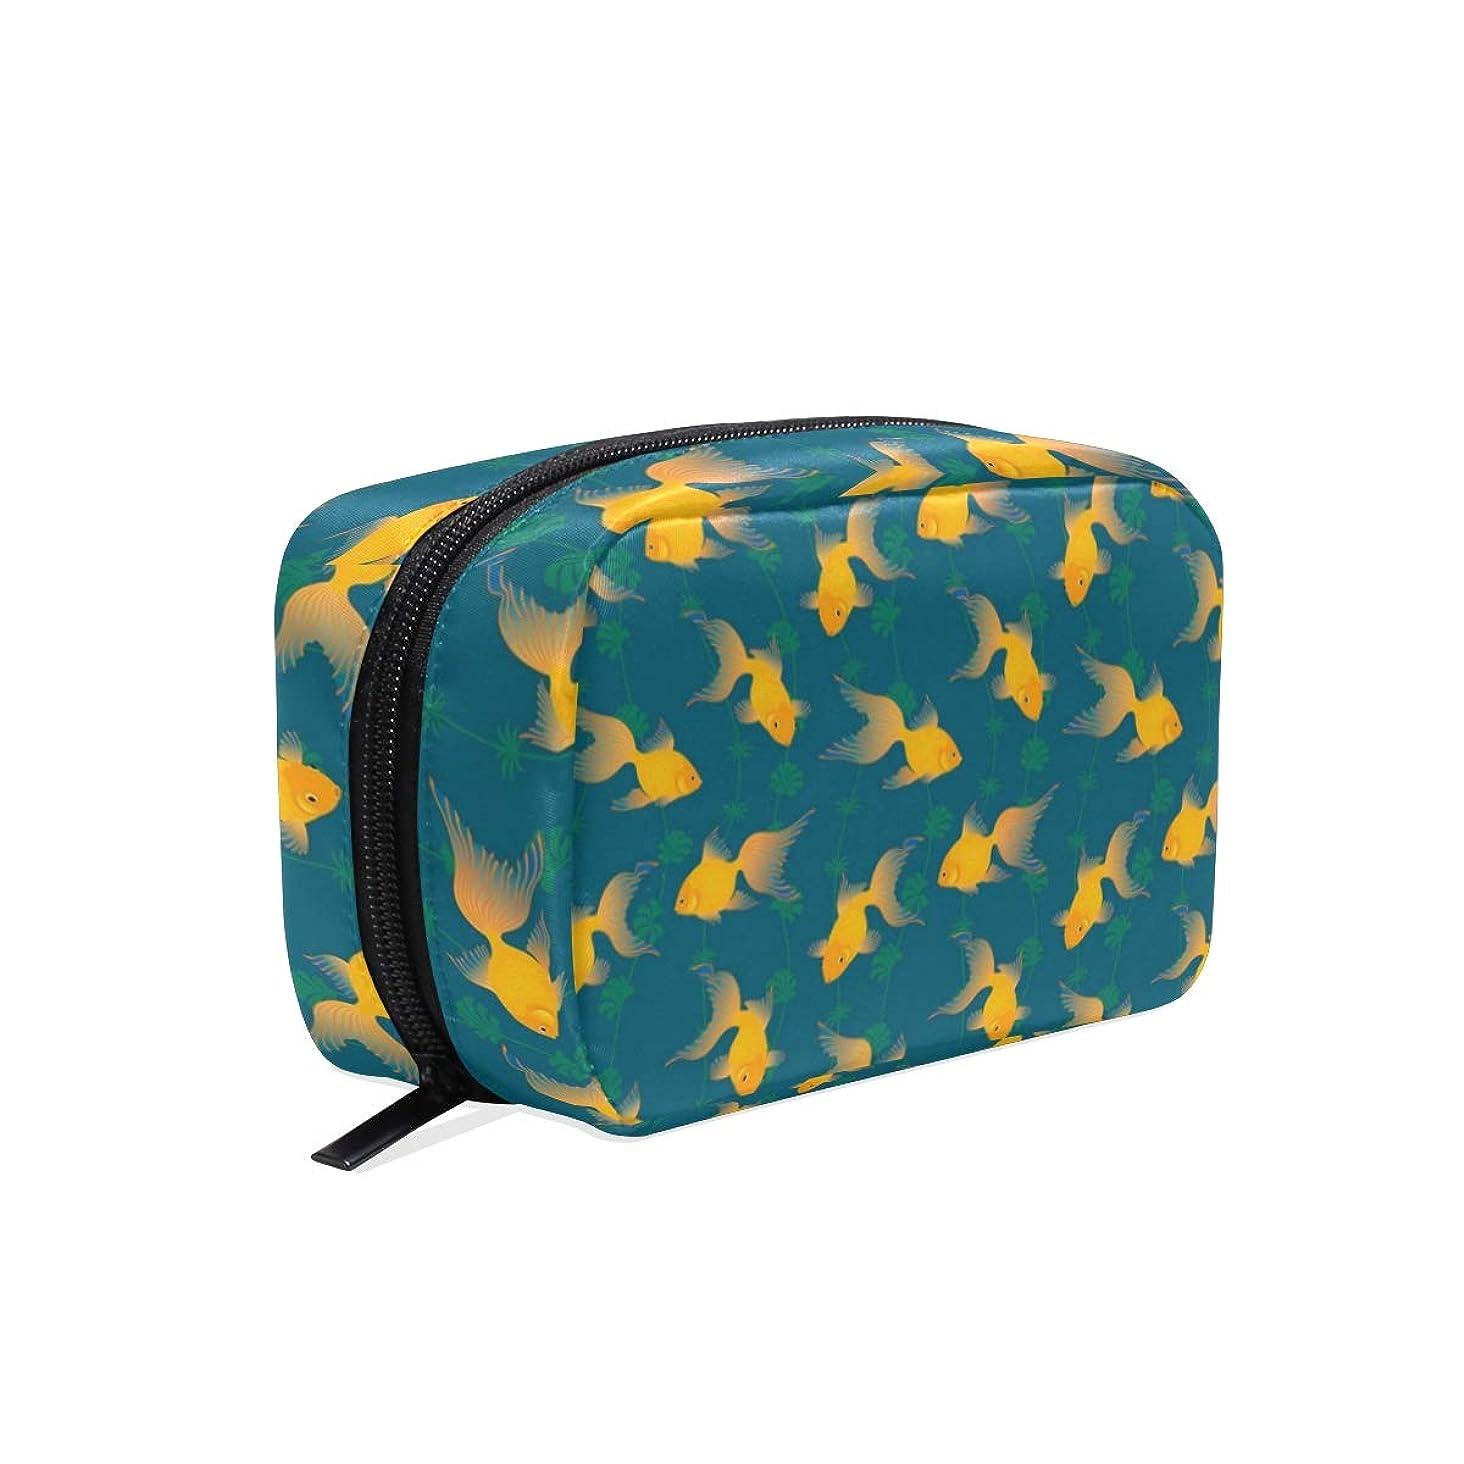 誇りに思うニックネームフロー金魚 柄 化粧ポーチ メイクポーチ 機能的 大容量 化粧品収納 小物入れ 普段使い 出張 旅行 メイク ブラシ バッグ 化粧バッグ